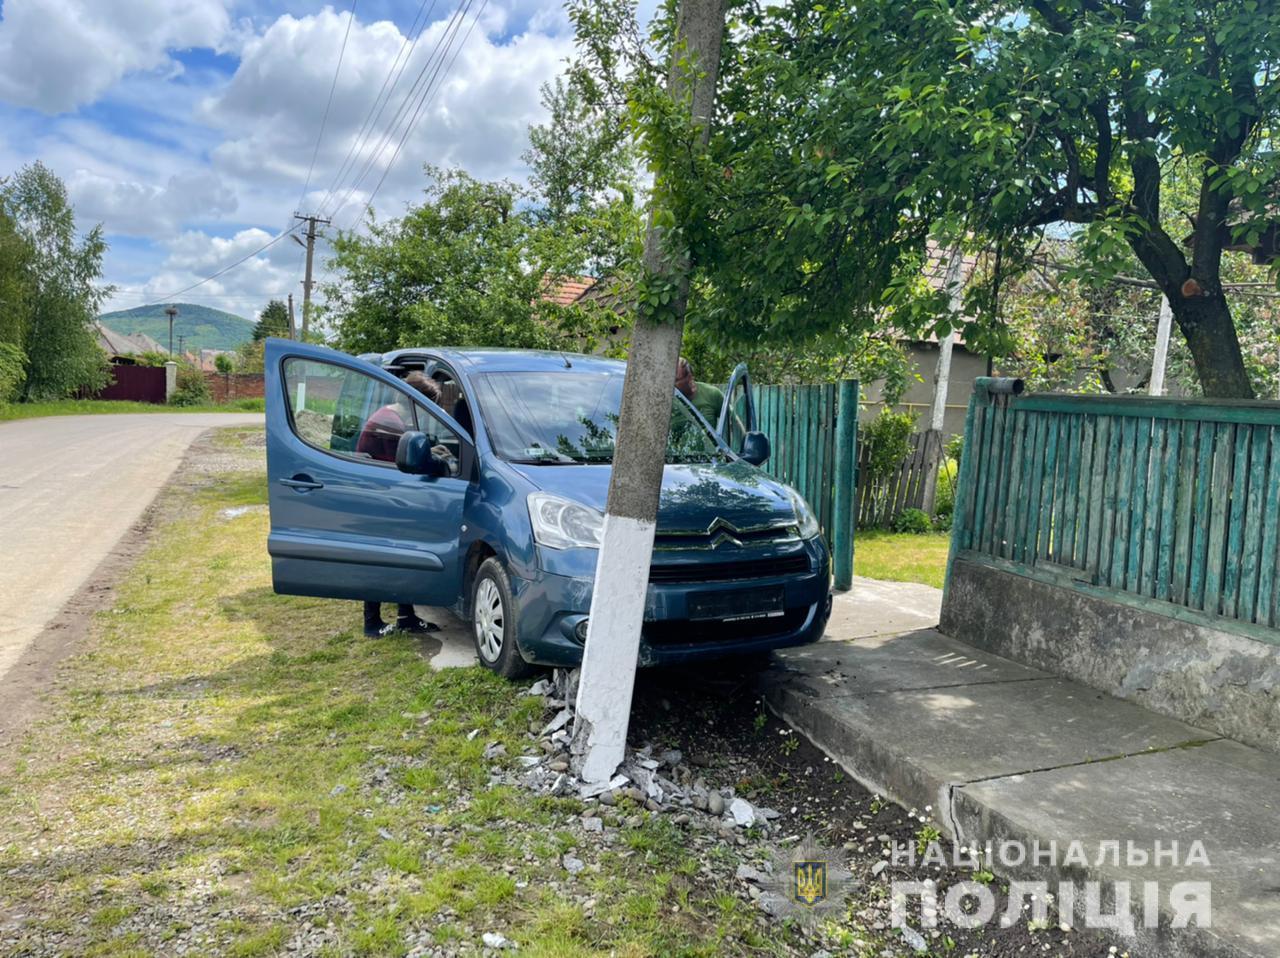 На Берегівщині водійка збила 6-річну дівчинку на самокаті, що раптово виїхала на дорогу